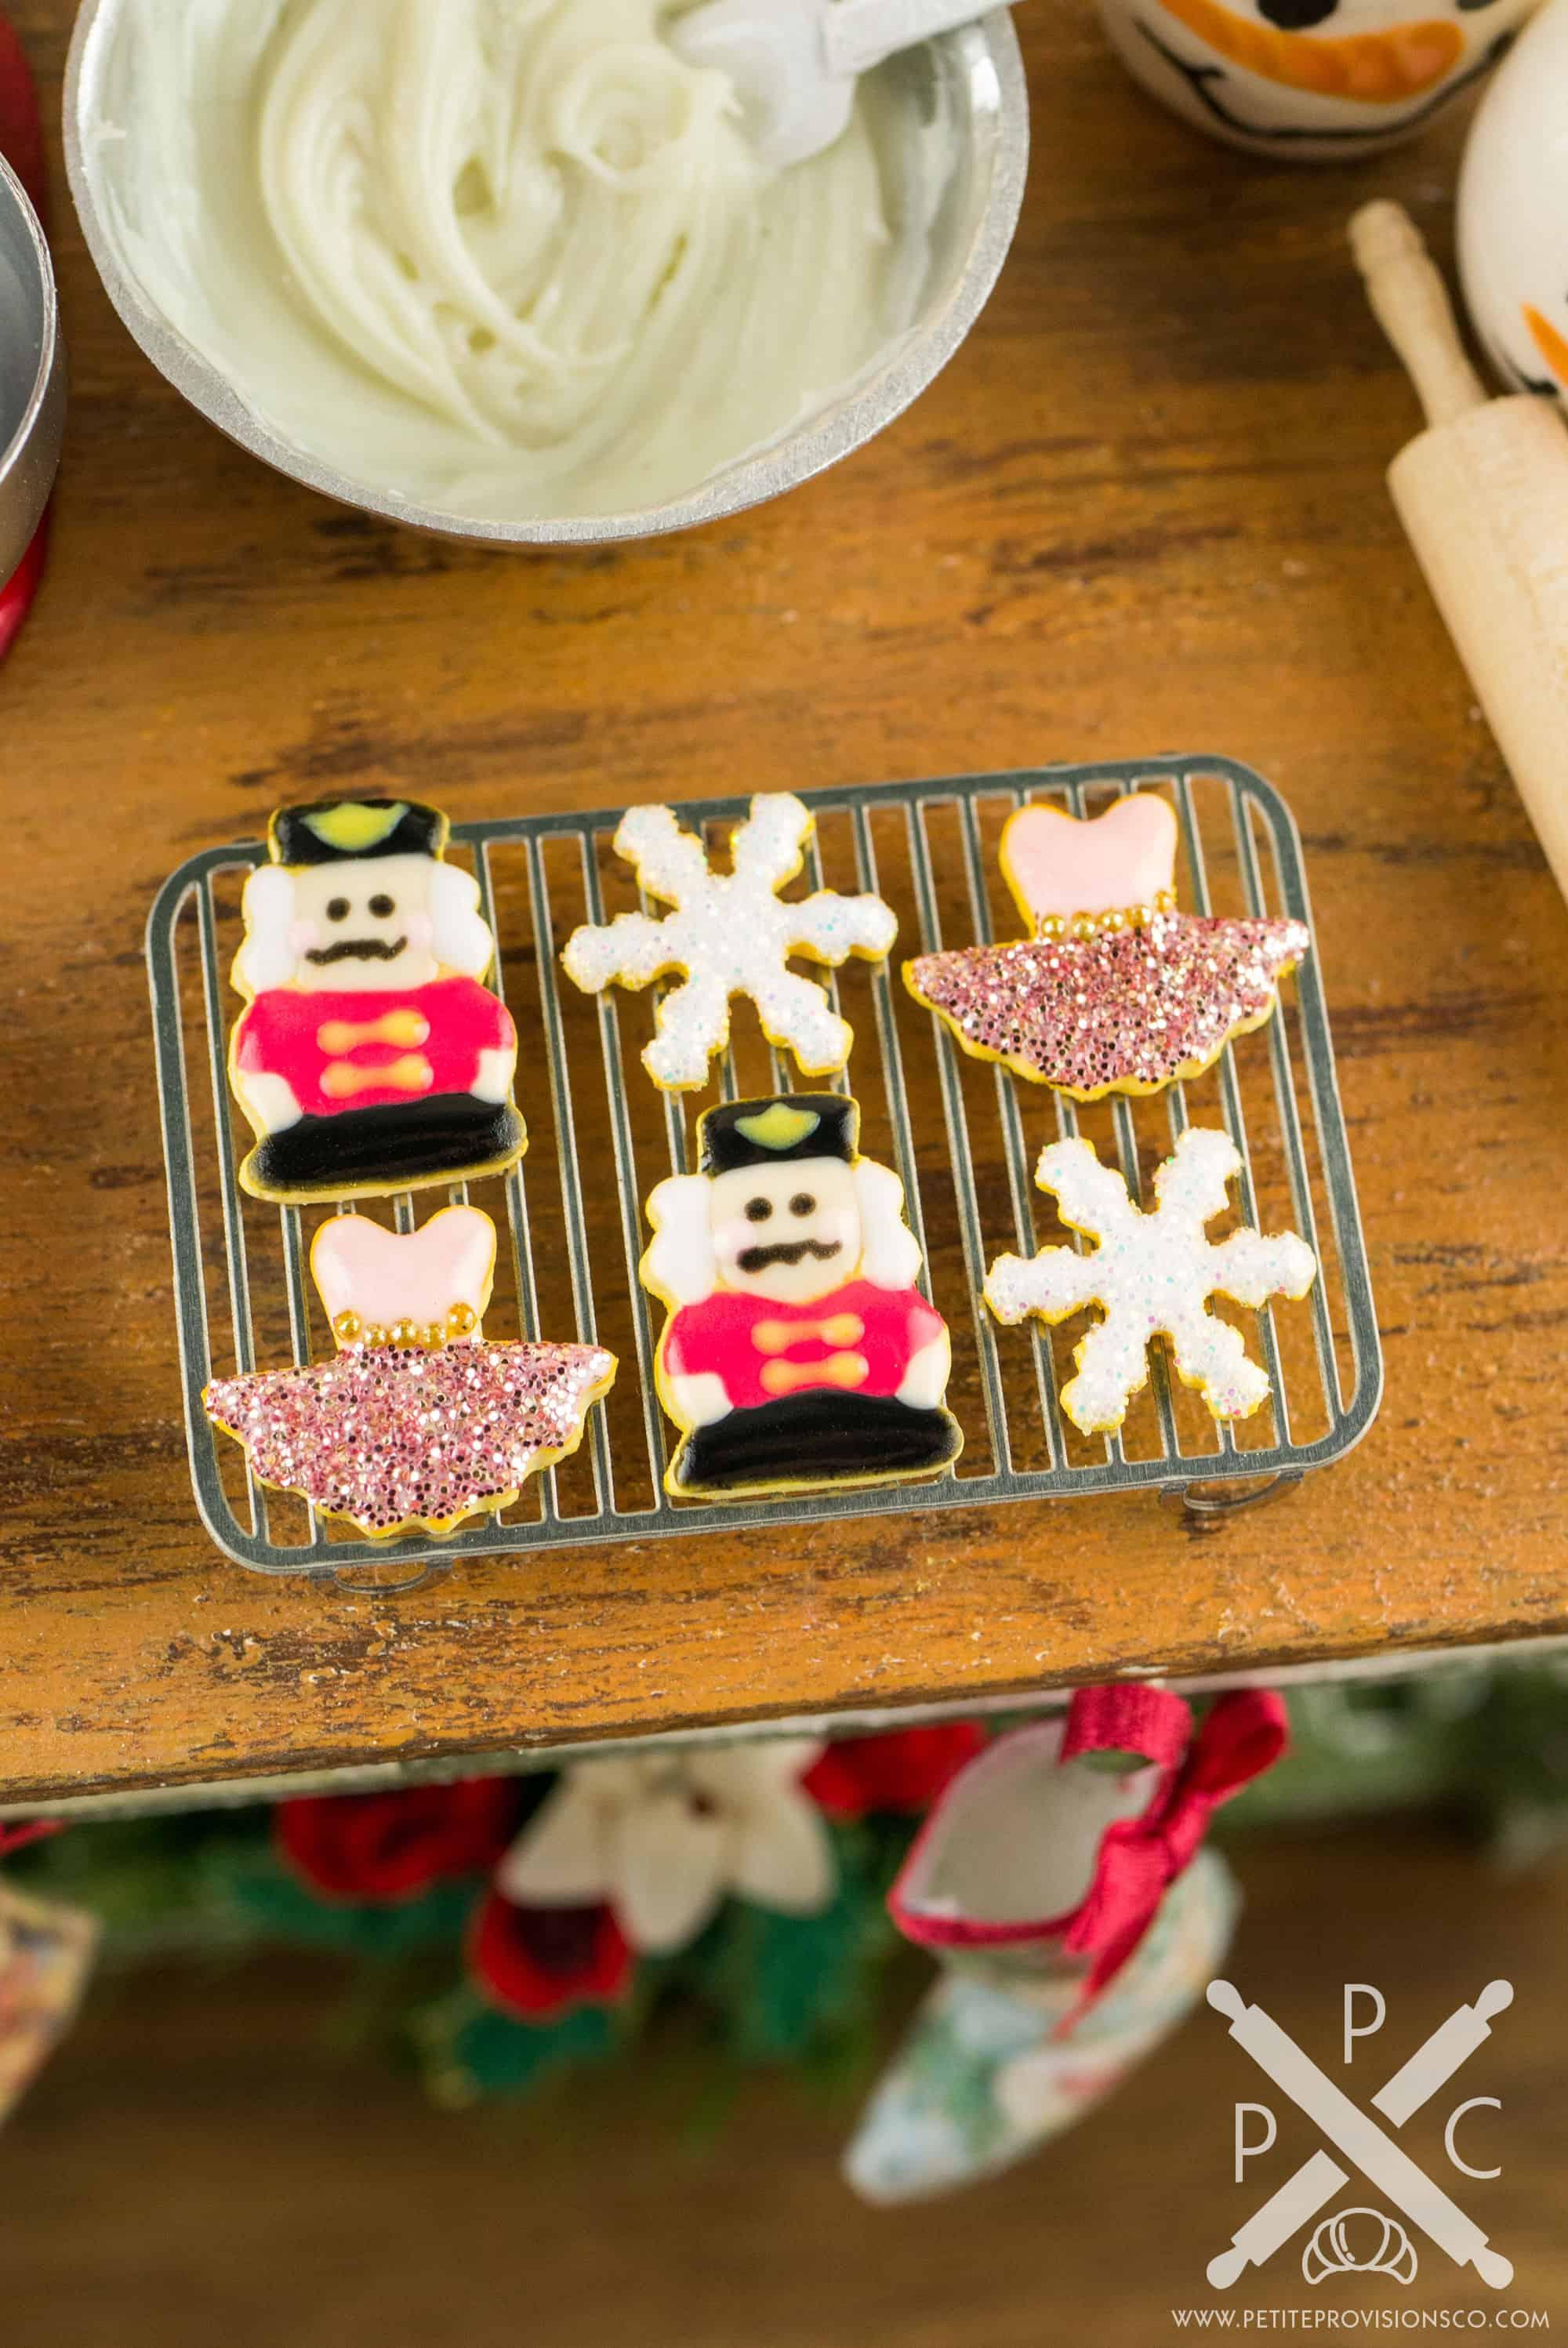 Dollhouse Miniature Nutcracker Suite Cookies Set 1 Half Dozen 1 12 Dollhouse Miniature The Petite Provisions Co